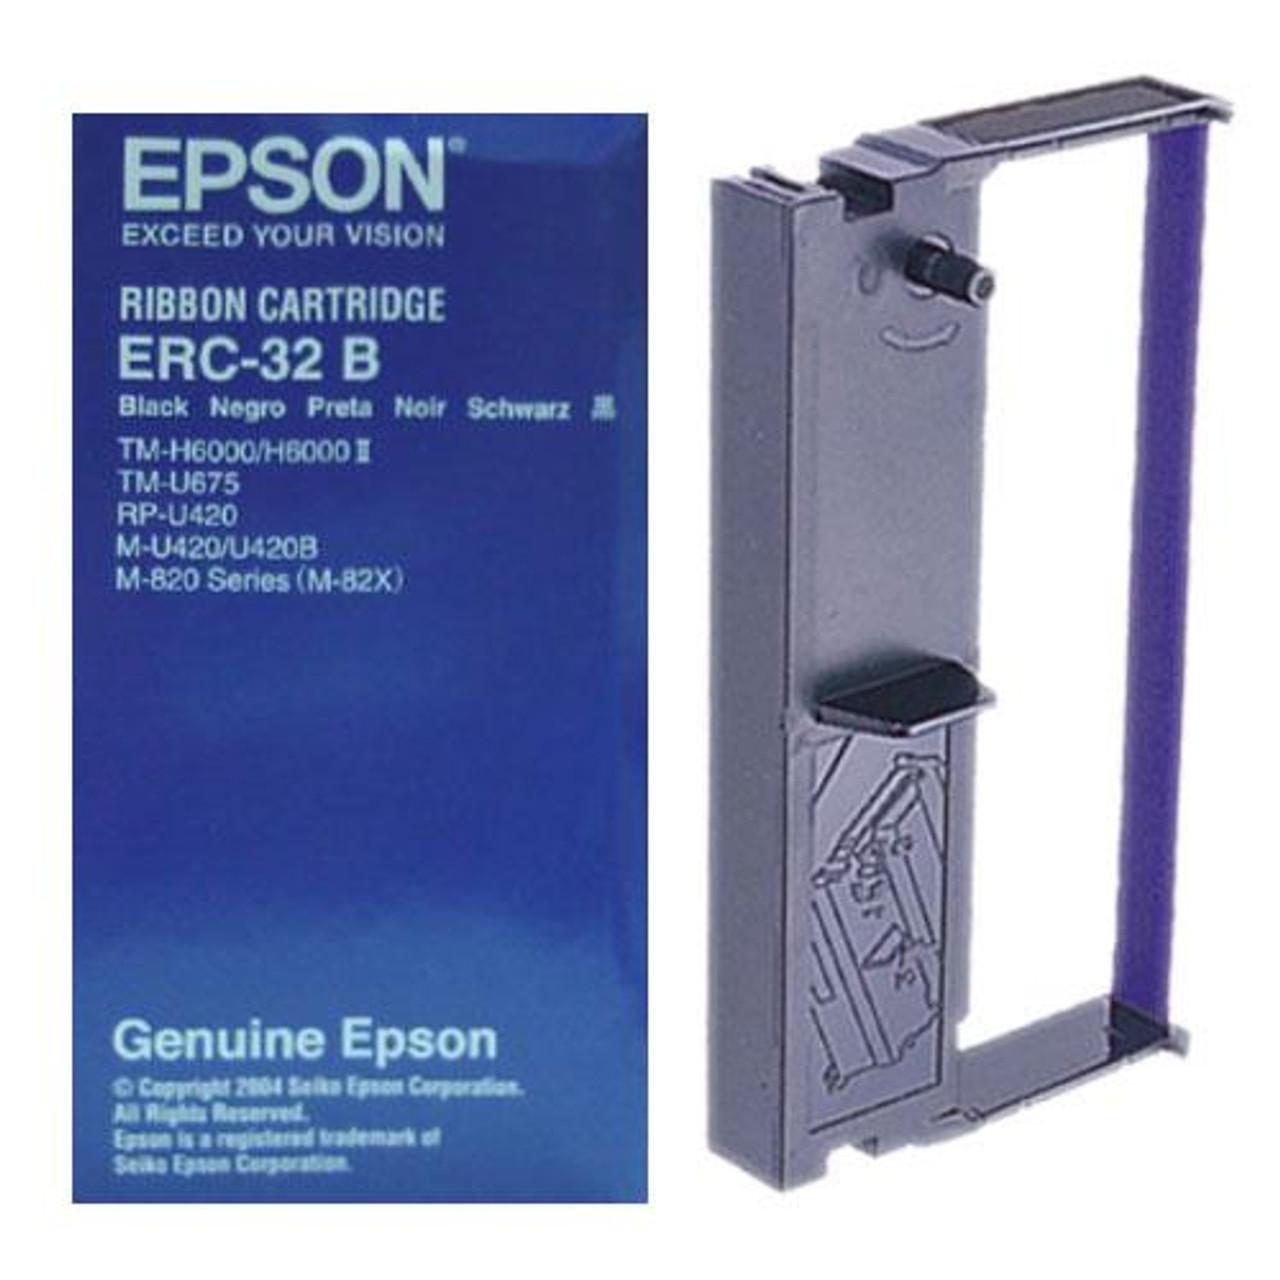 Epson Slip Printer Ink Ribbon For Use In TM-H6000